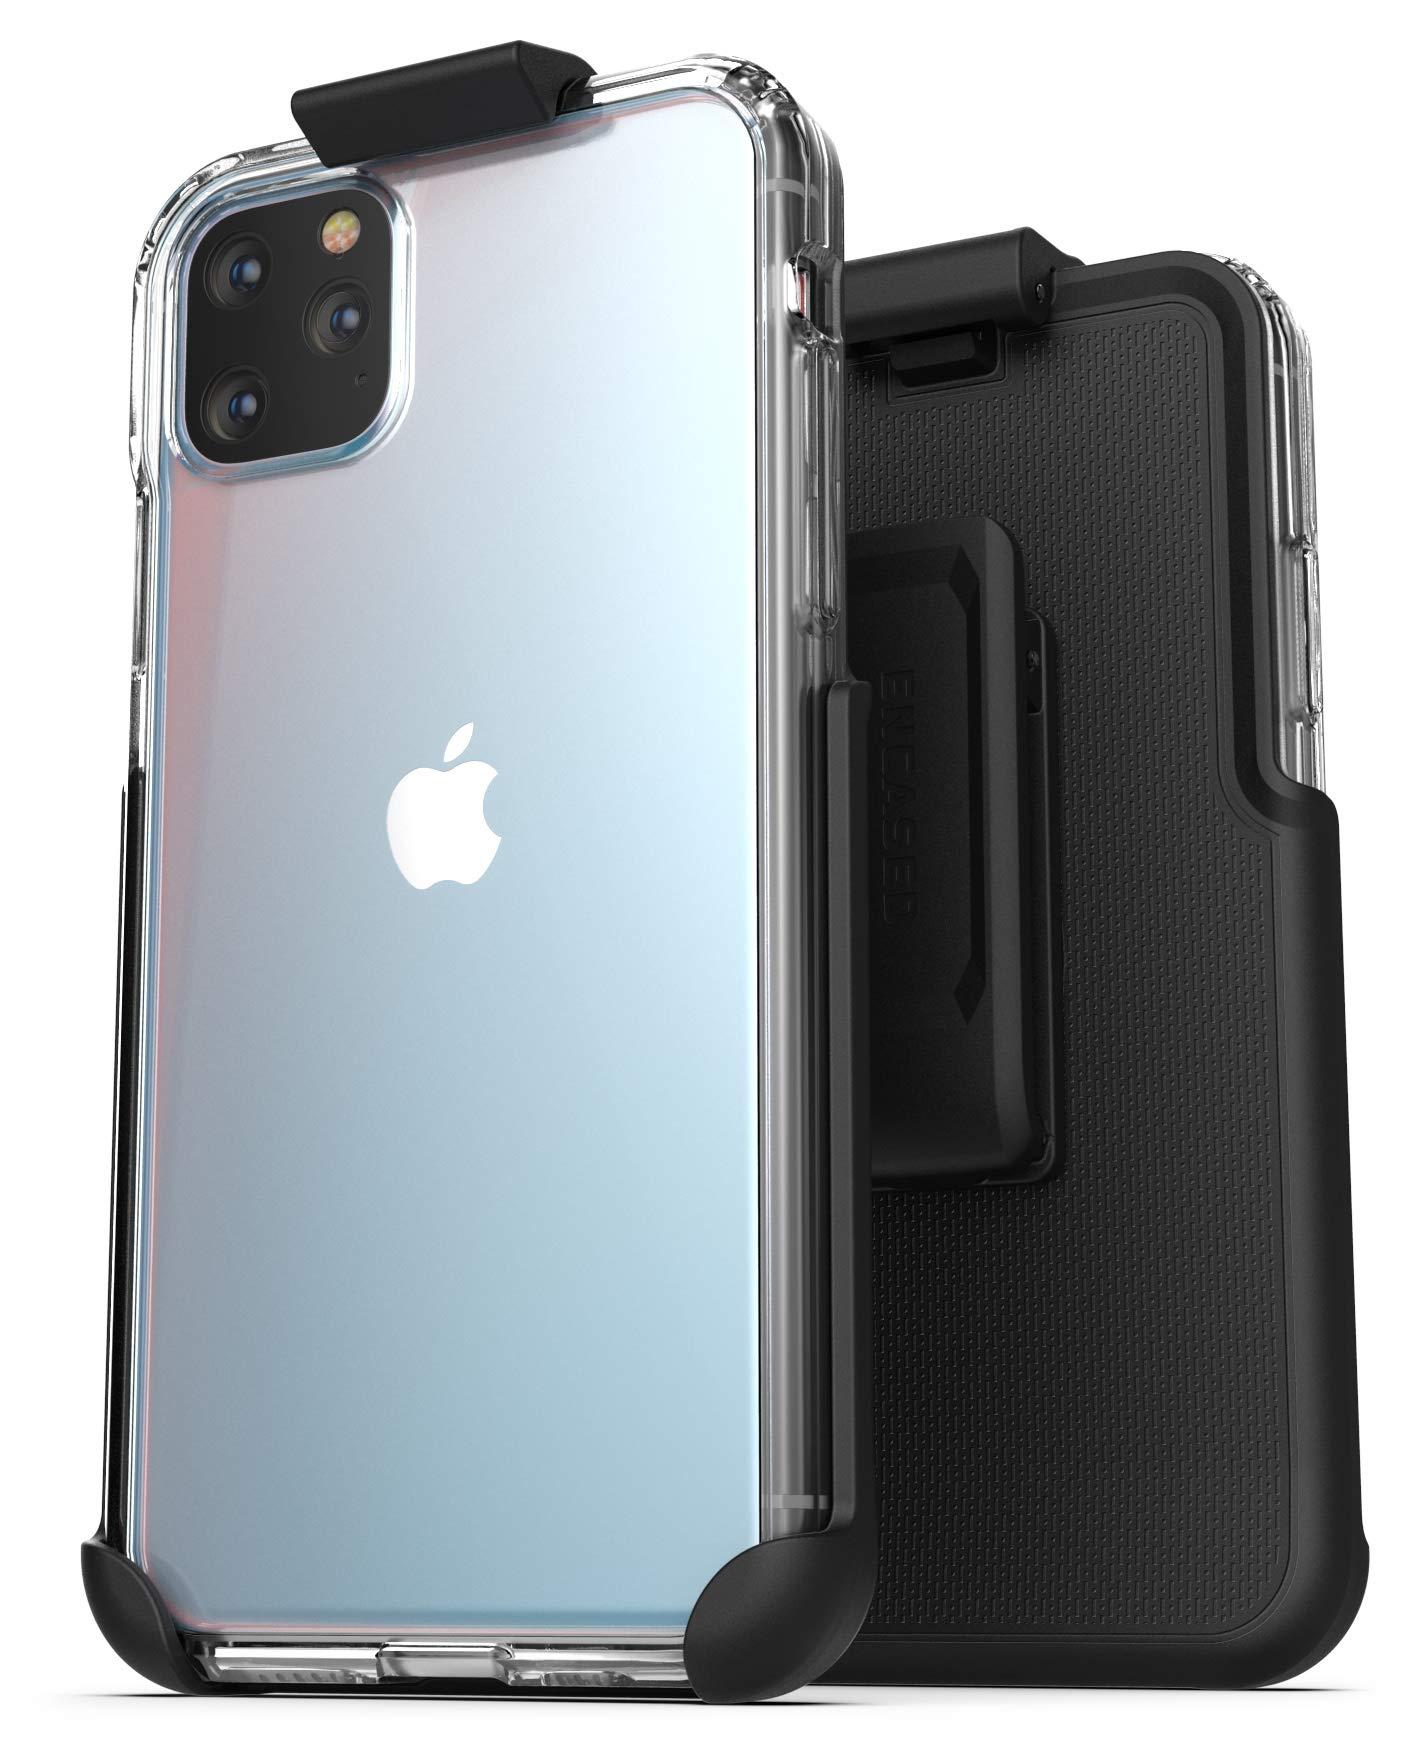 Funda para iPhone 11 Pro Max 2019-L4J5